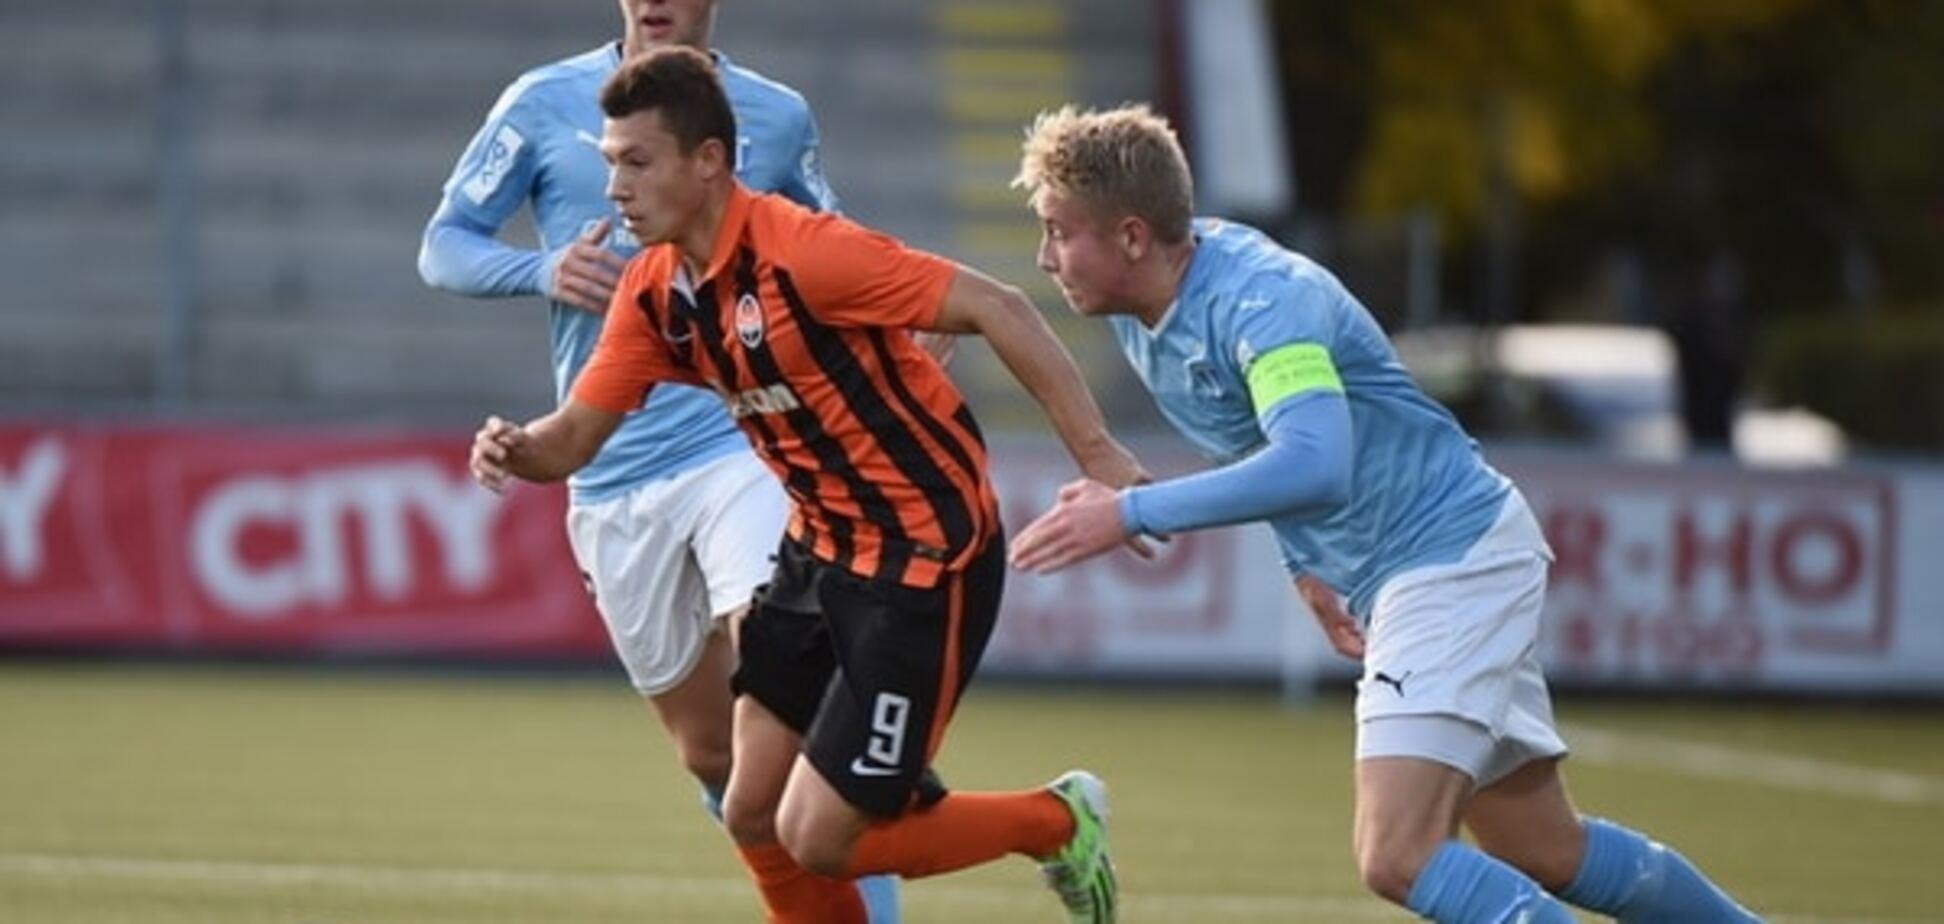 'Шахтер' забил пять мячей, но не смог победить 'Мальмё' в матче Лиги УЕФА